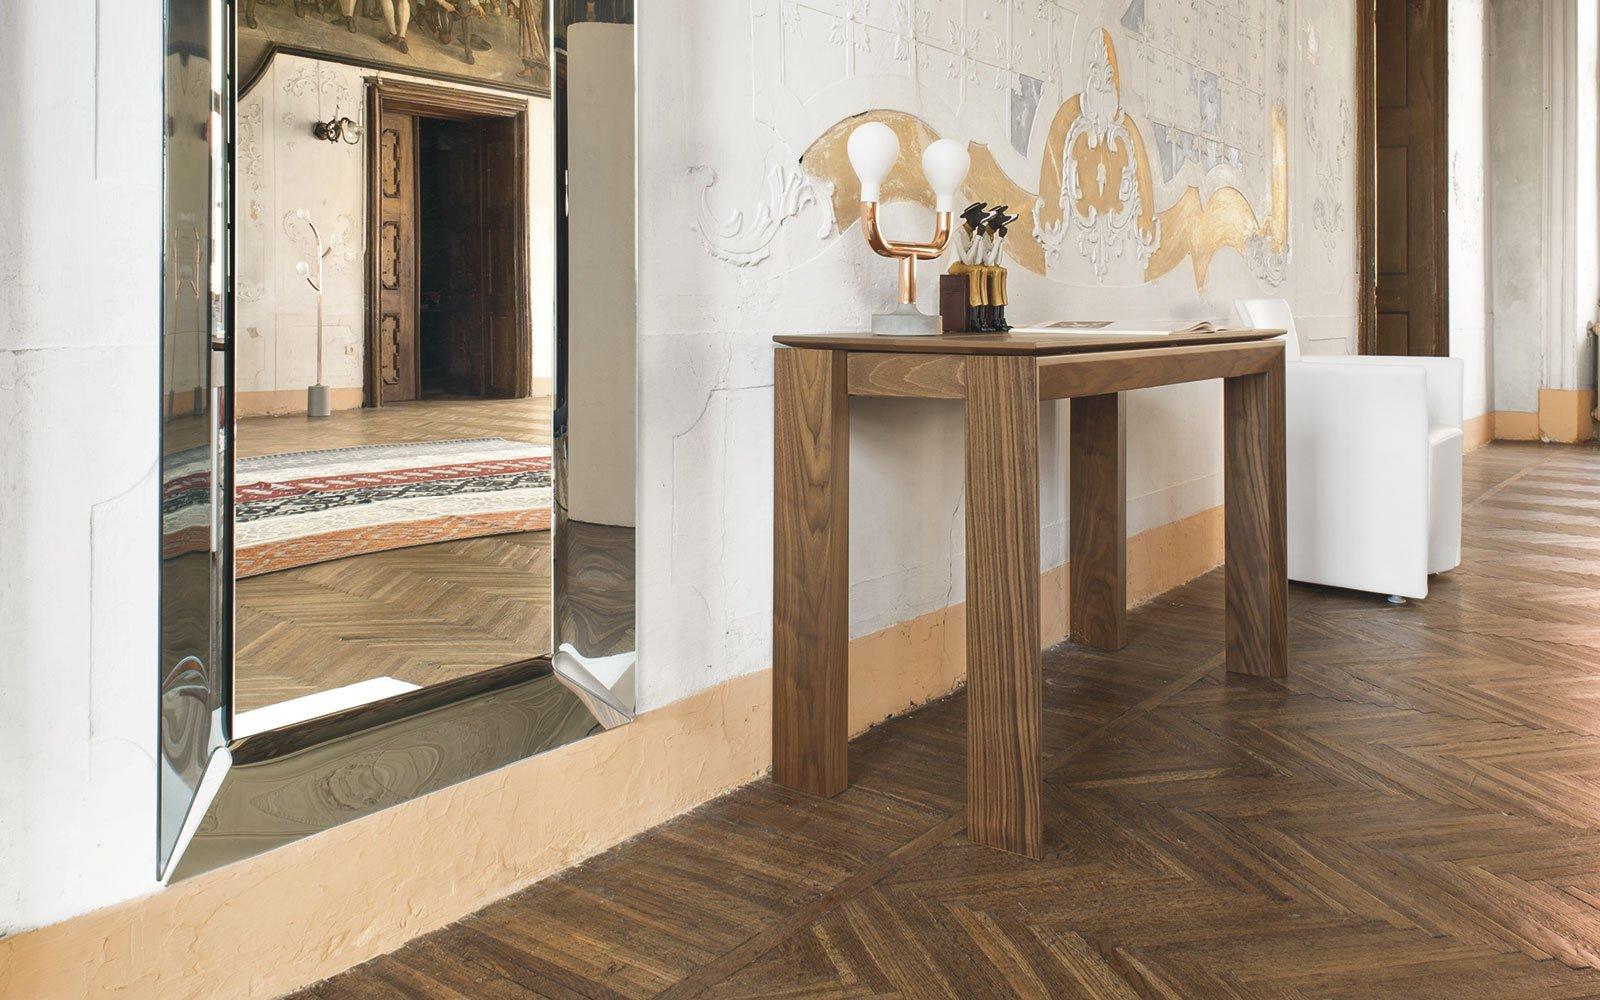 Consolle e tavolo a Battipaglia da Montella Prisma Arredo